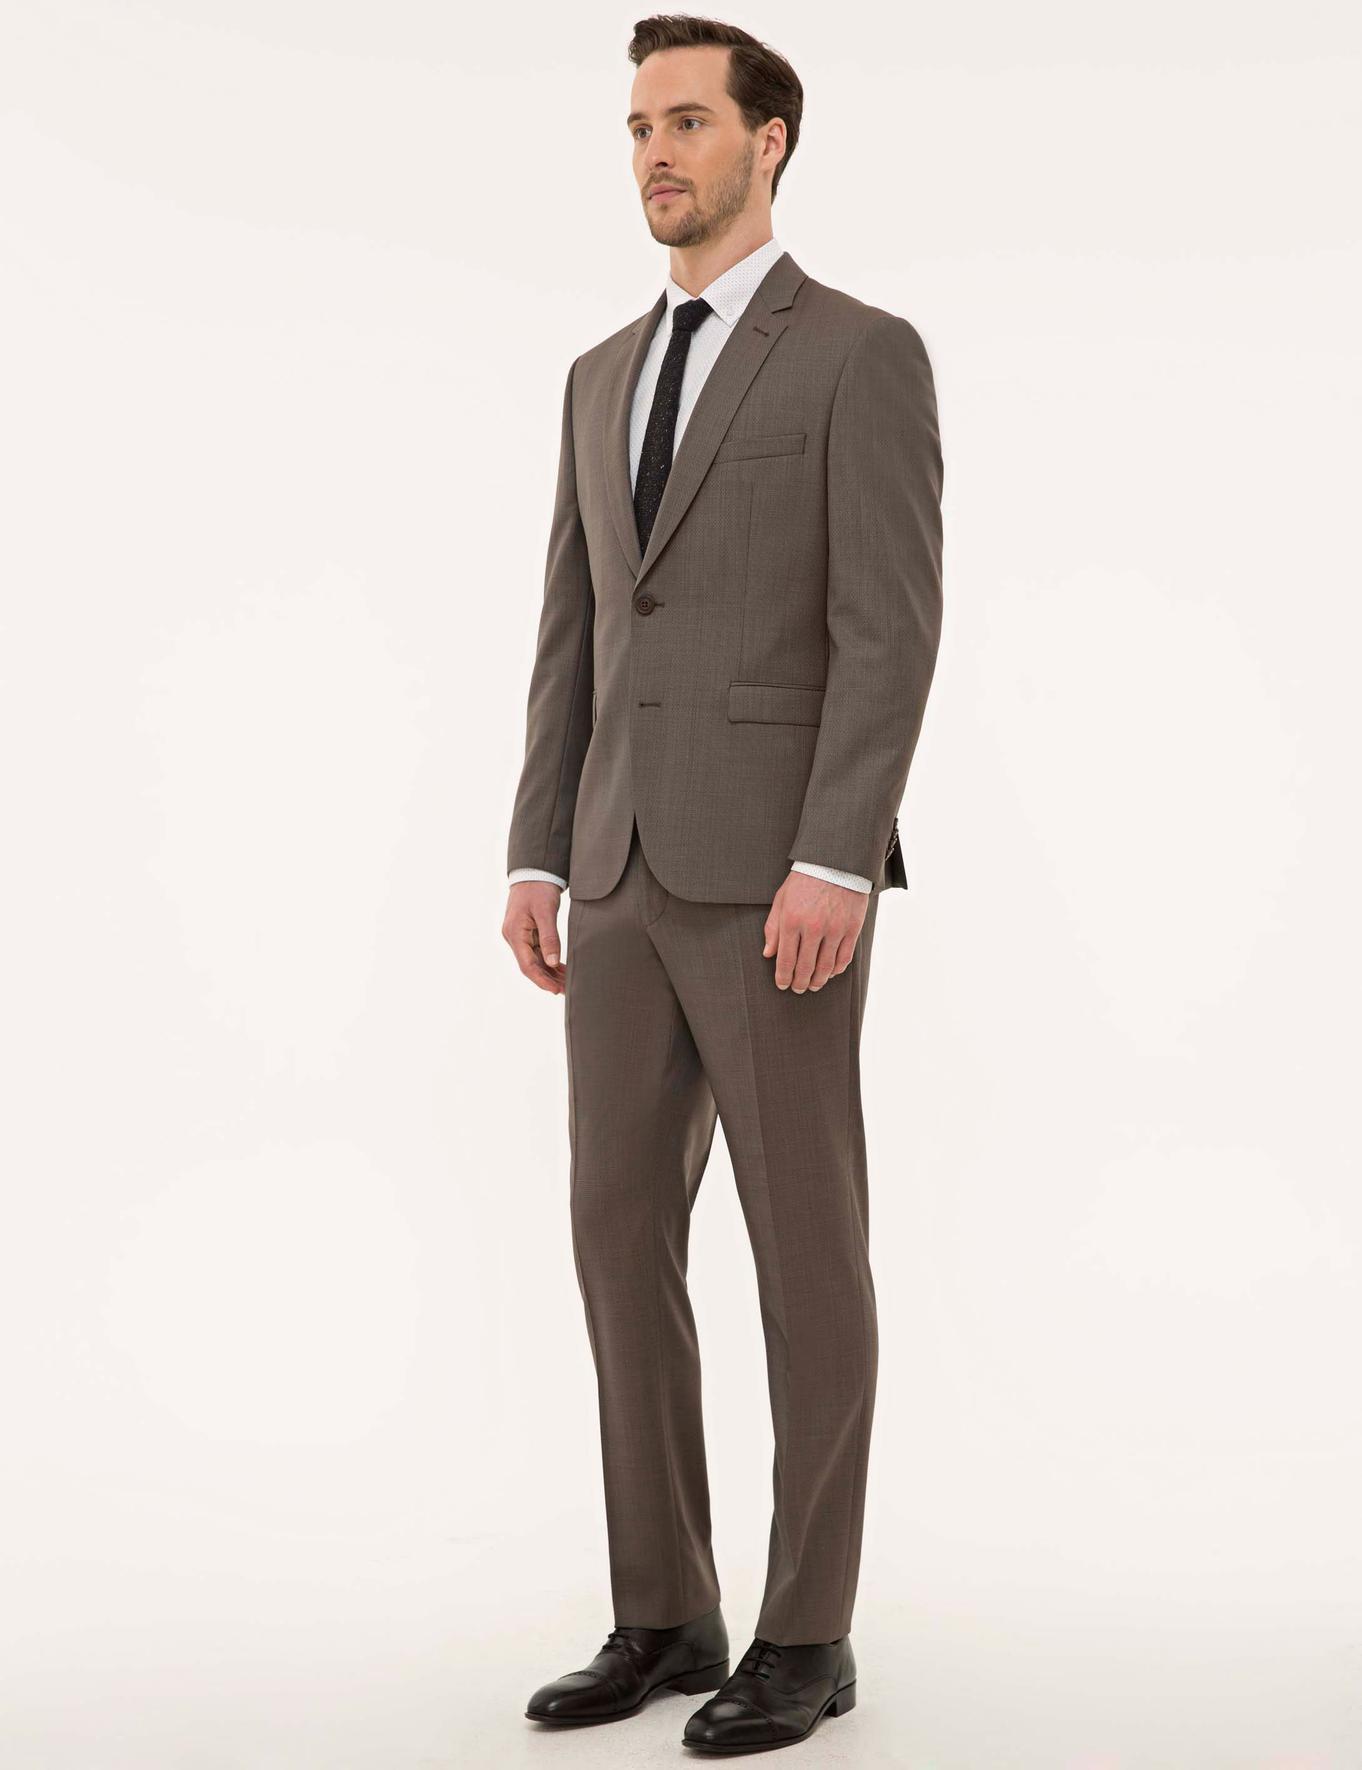 Açık Kahverengi Slim Fit Takım Elbise